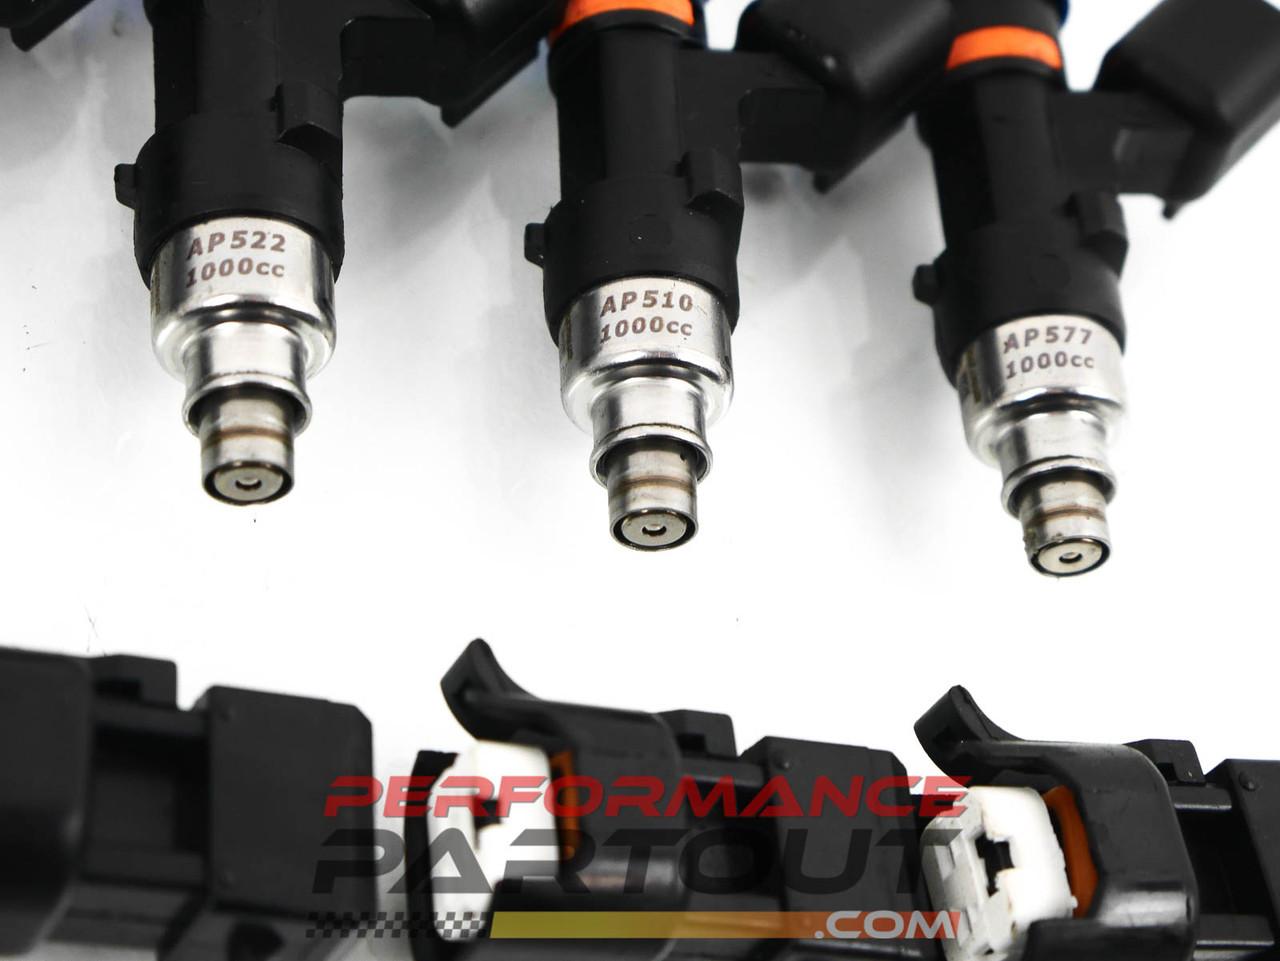 FIC 1000cc High-Z injectors